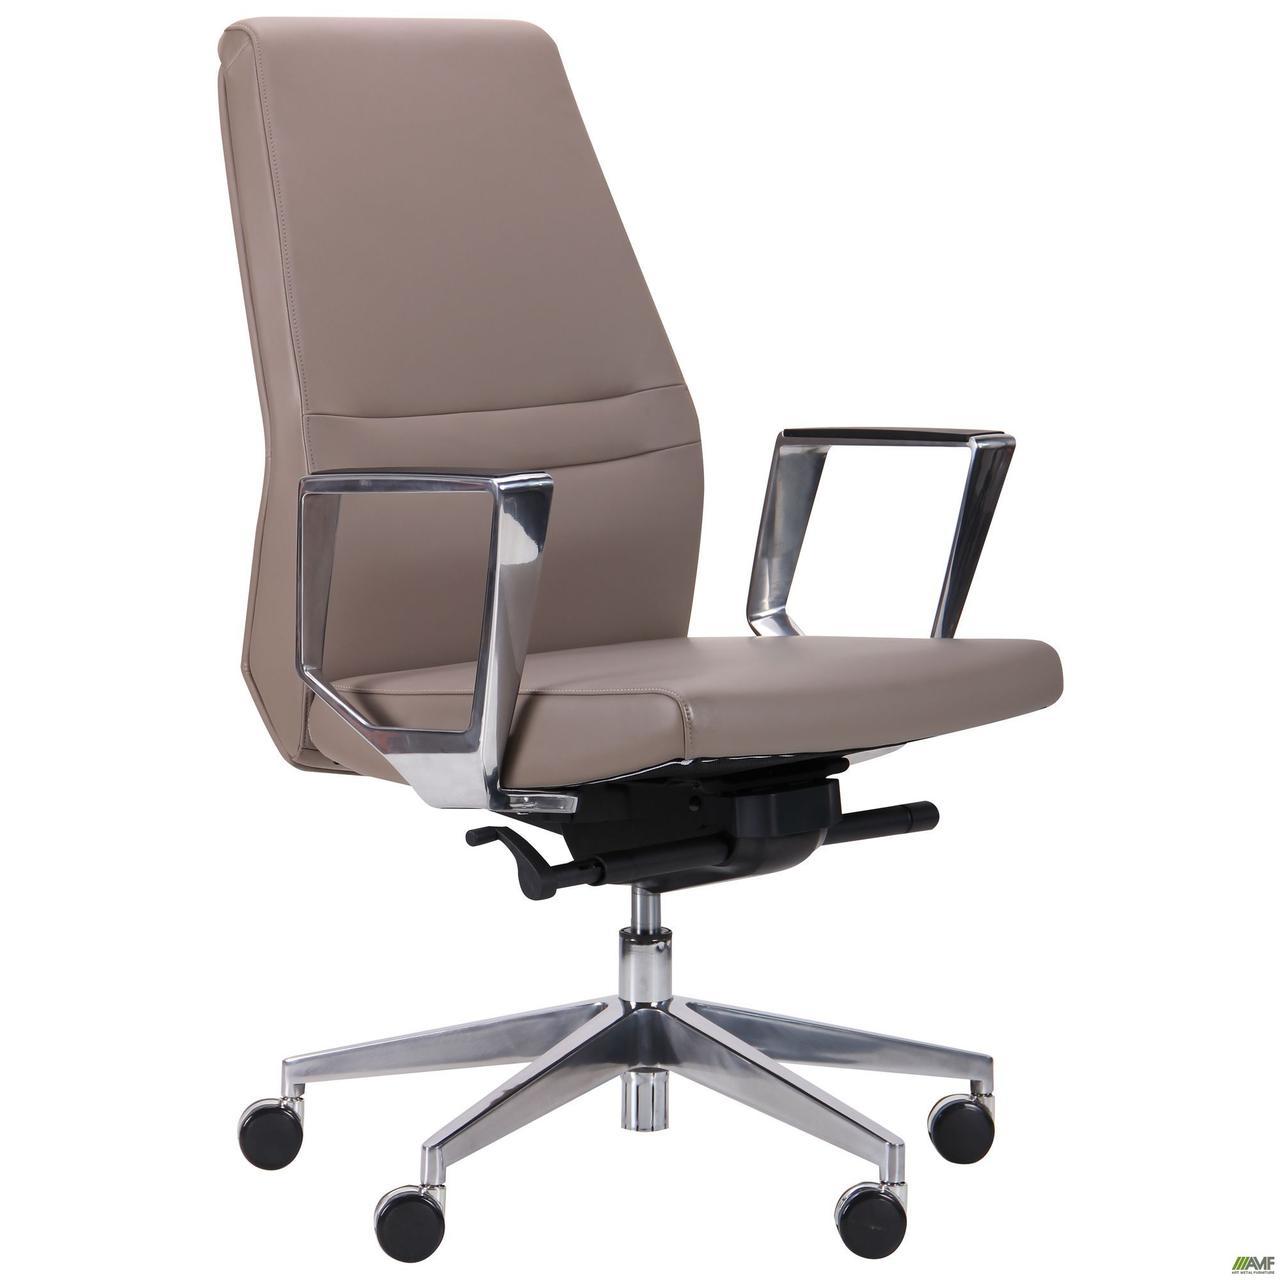 Кресло офисное кожаное AMF Larry LB  светло-серое